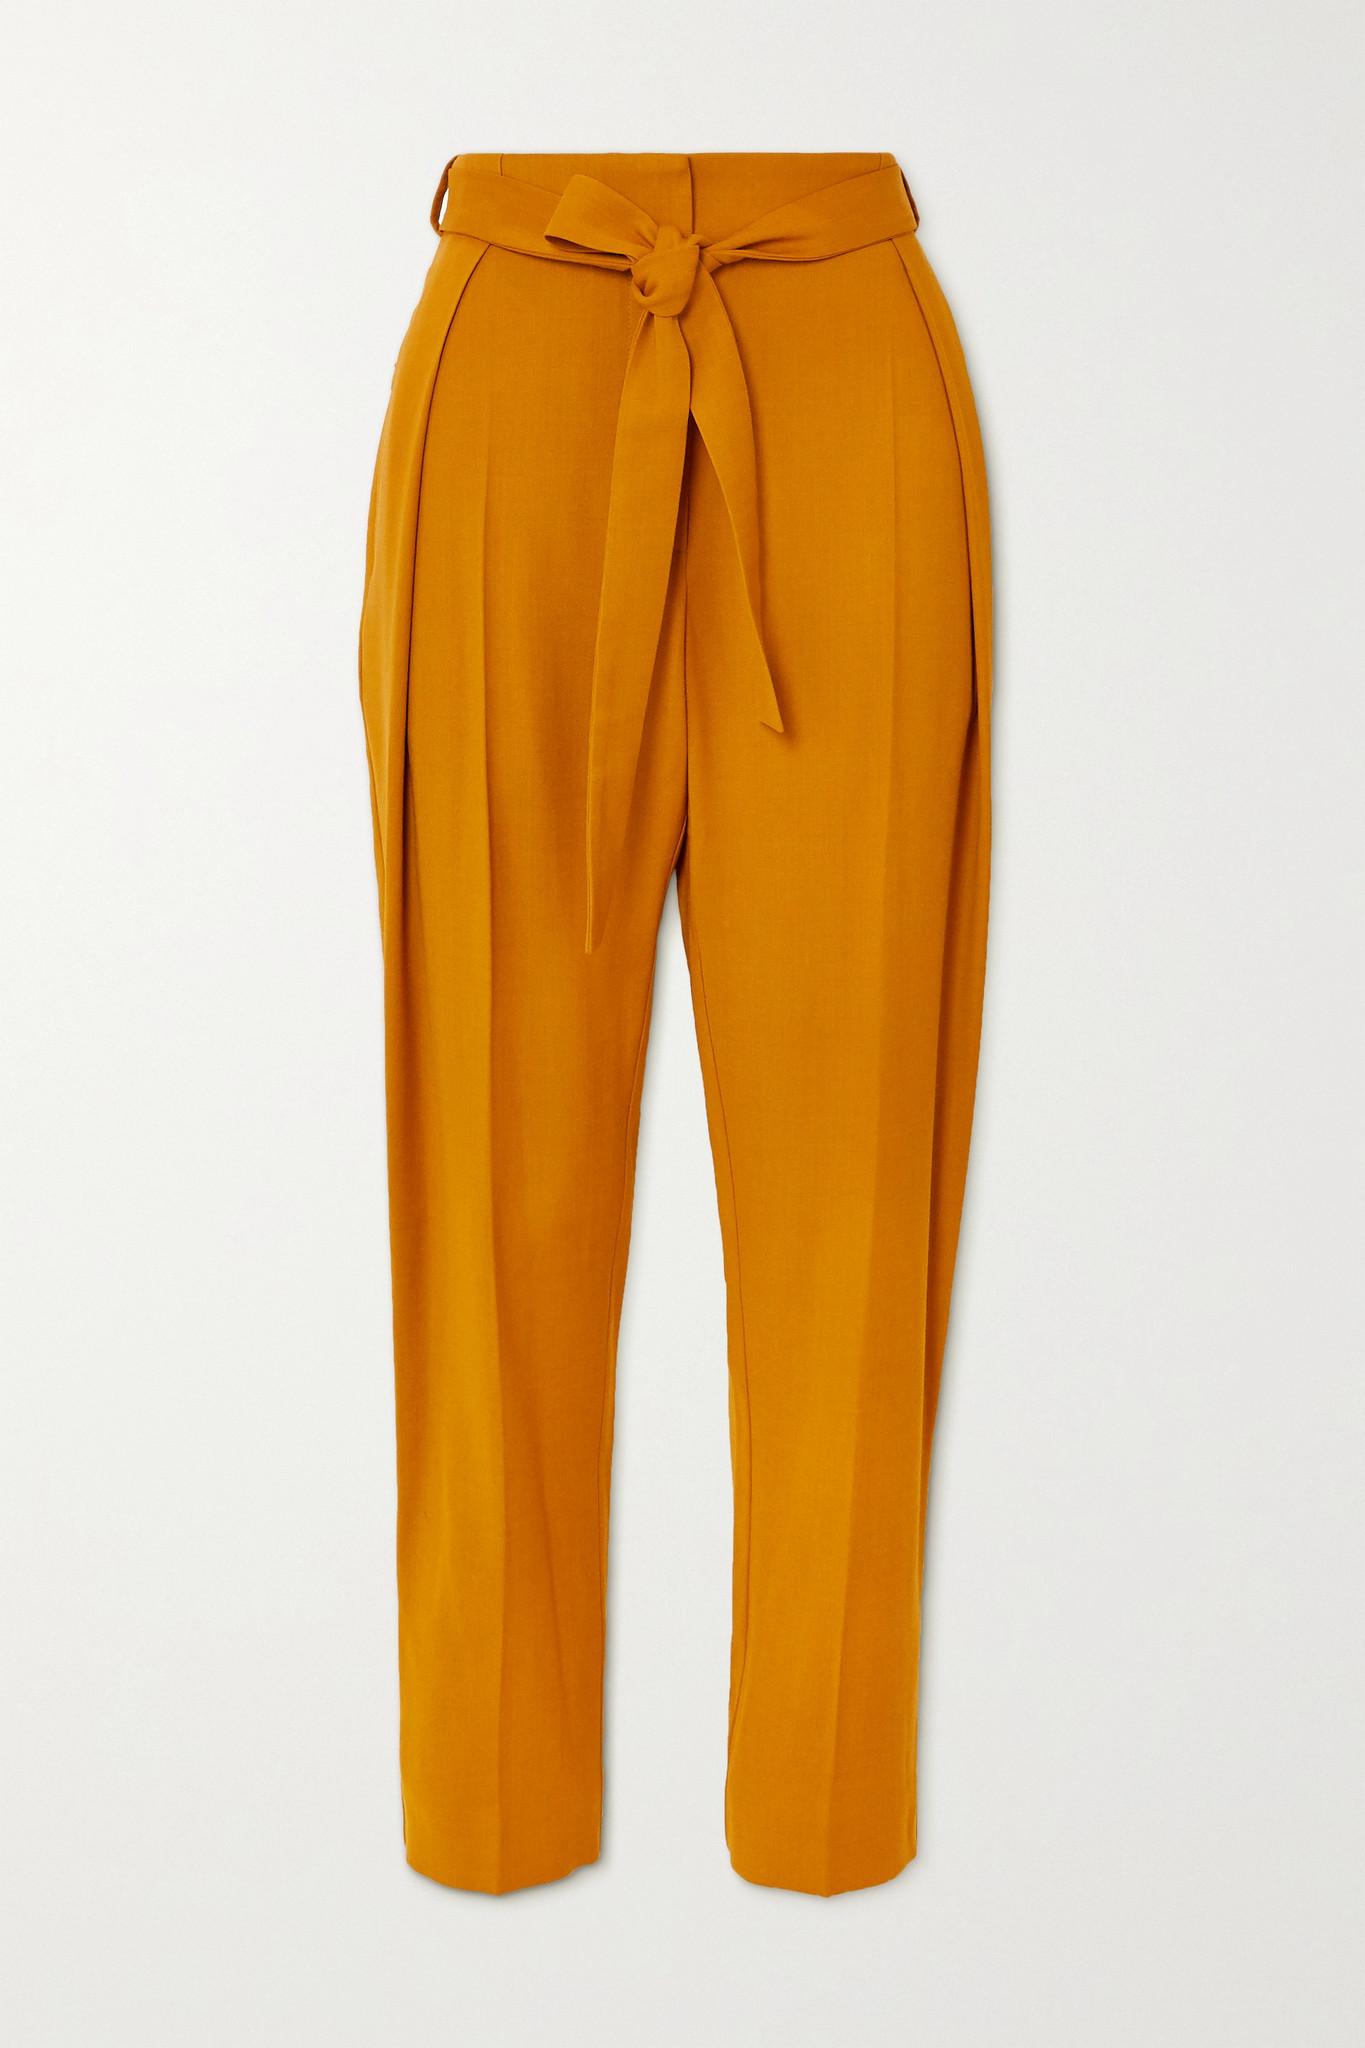 ROKSANDA - Goya 配腰带斜纹布锥形裤 - 橙色 - UK10